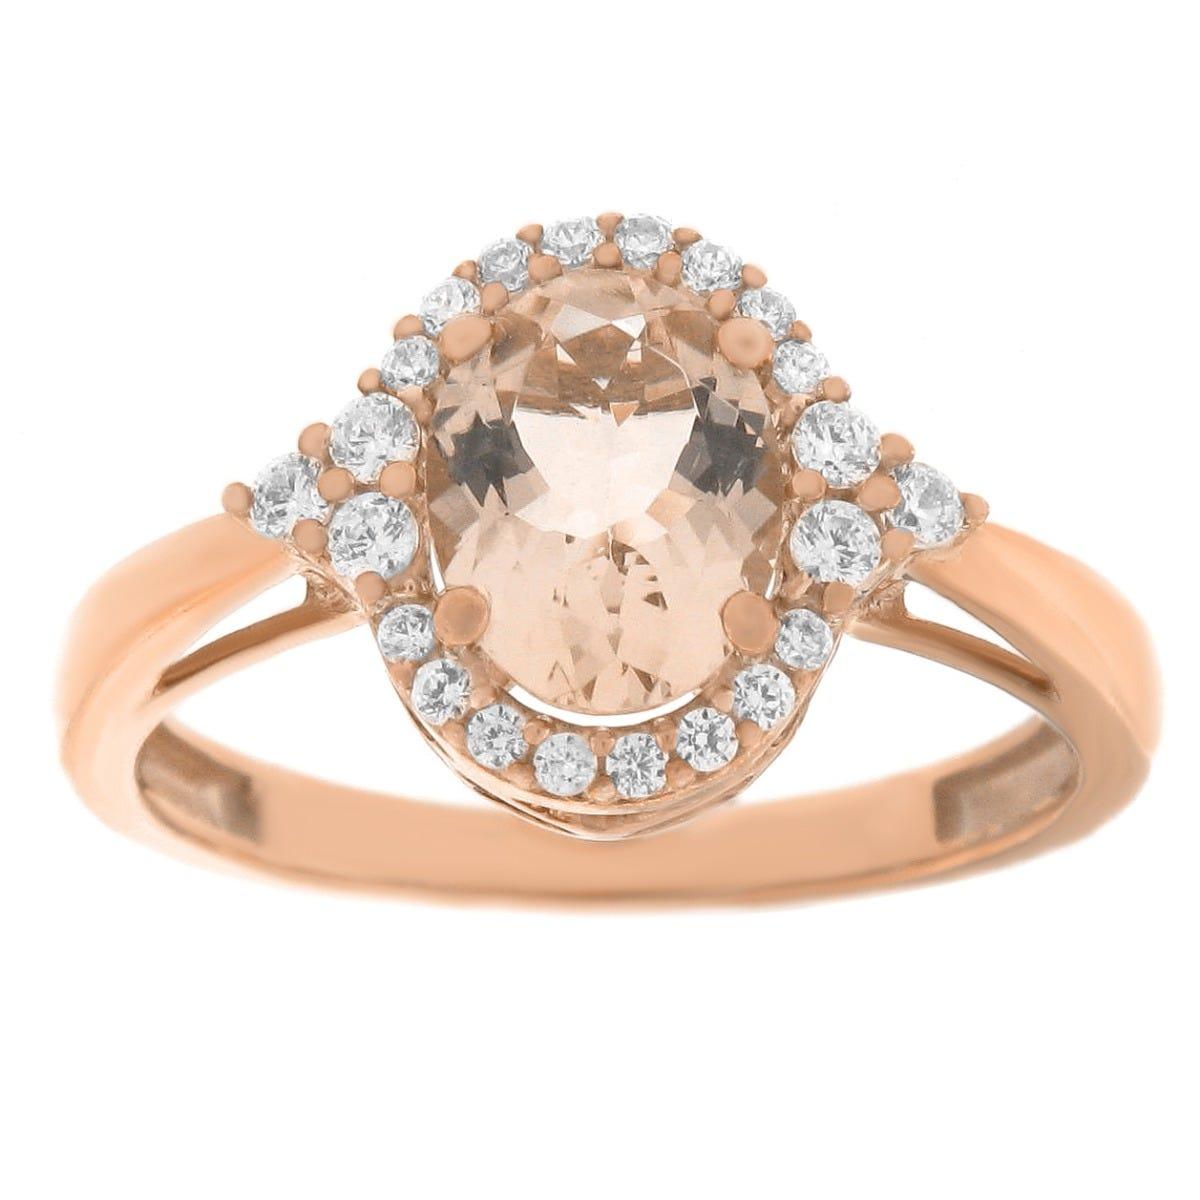 Oval Morganite Gemstone & Diamond Halo Ring in 10k Rose Gold